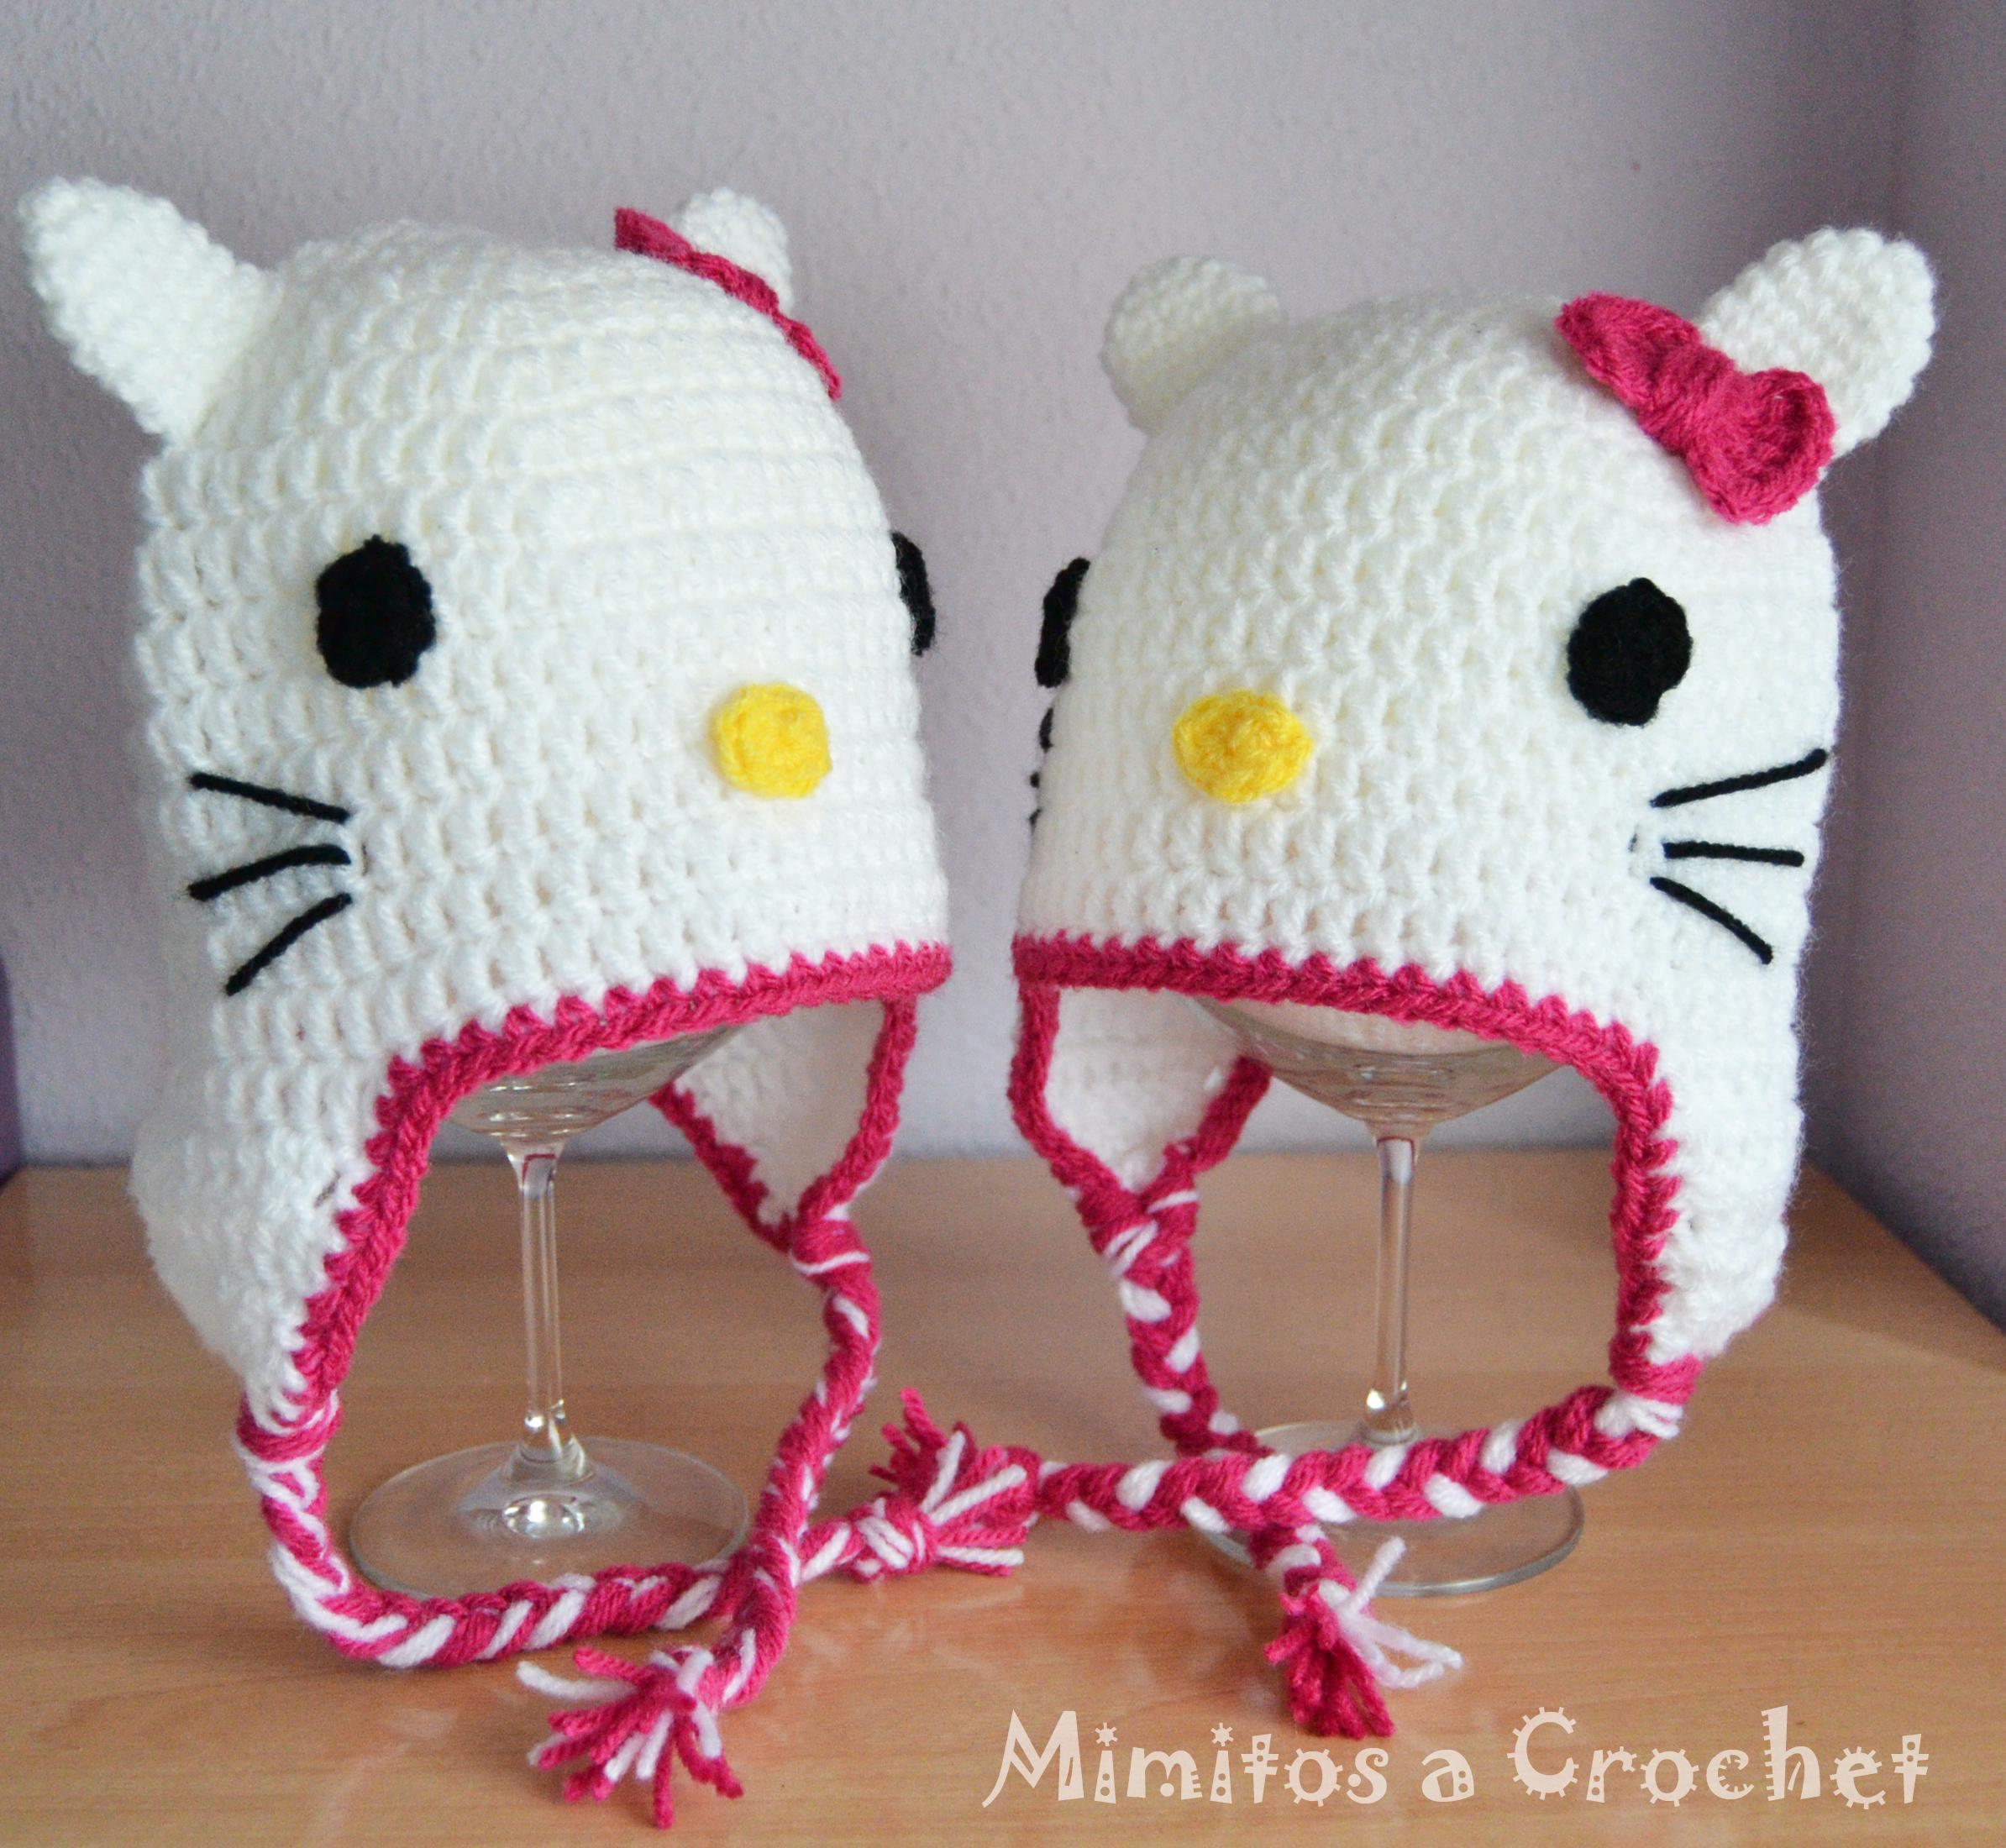 Lujoso Libre De Hello Kitty Patrón De Crochet Sombrero Fotos - Manta ...